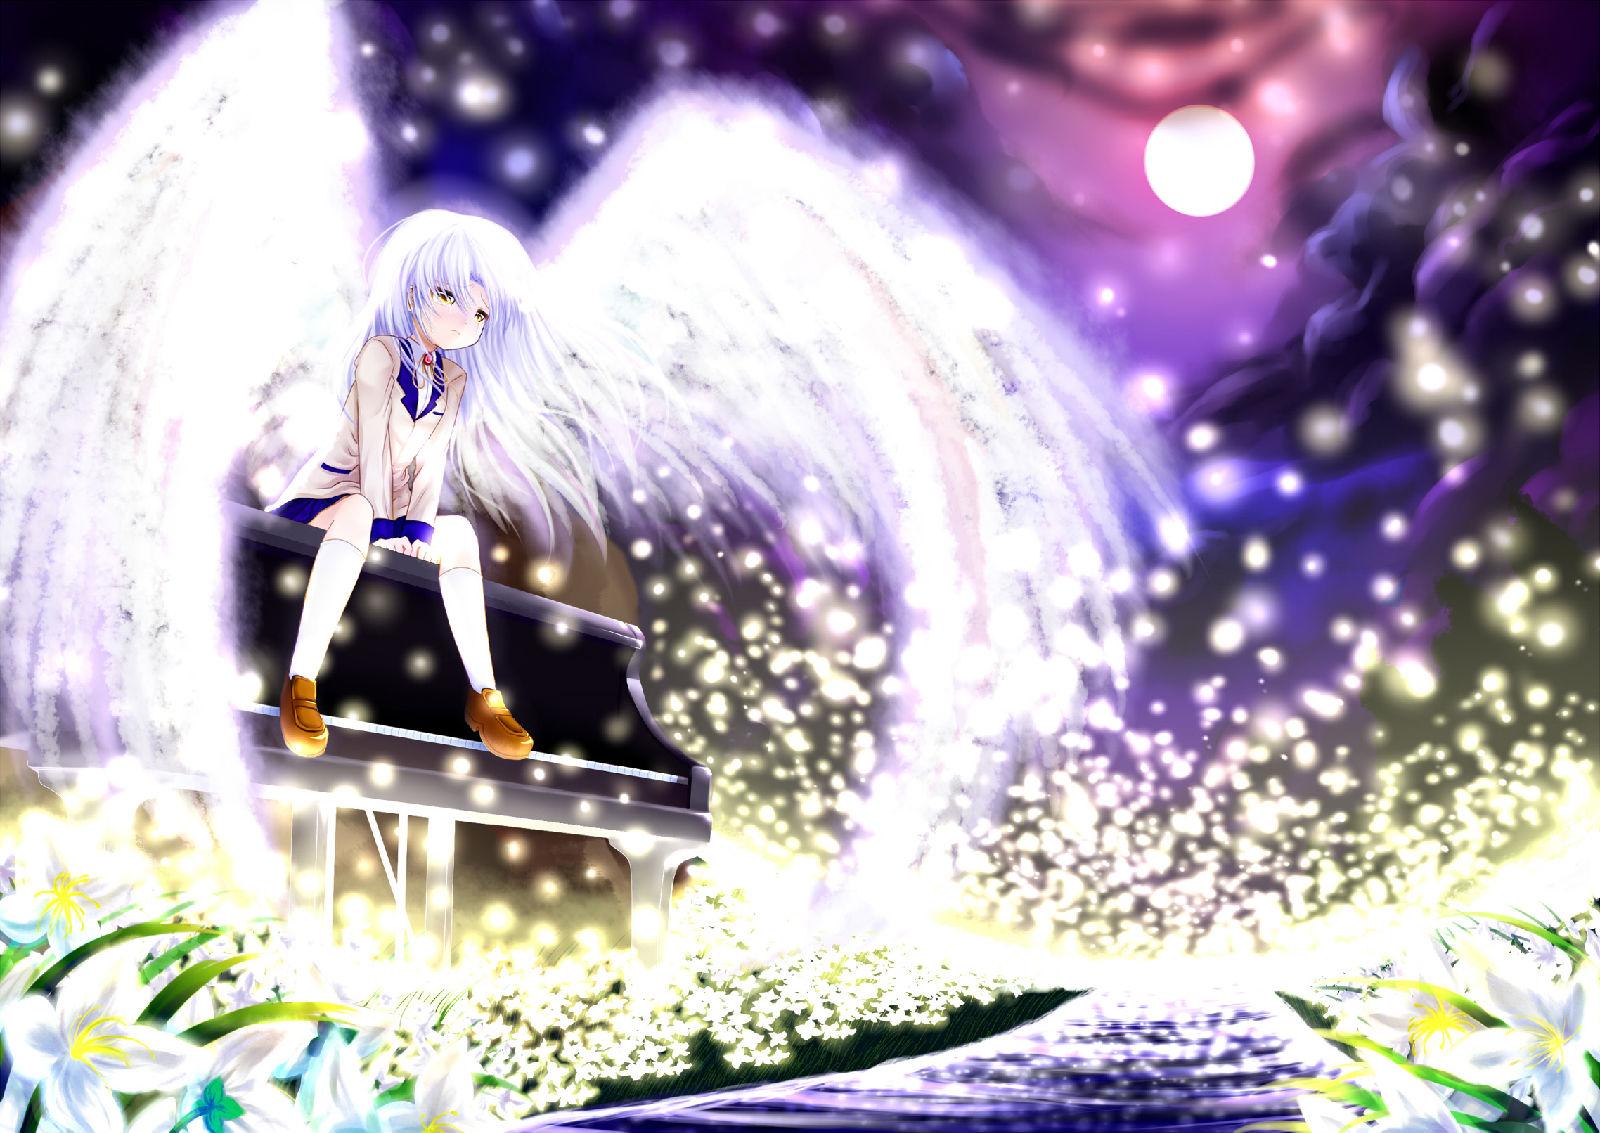 立华奏壁纸_求天使小奏有翅膀弹钢琴的壁纸越多越好